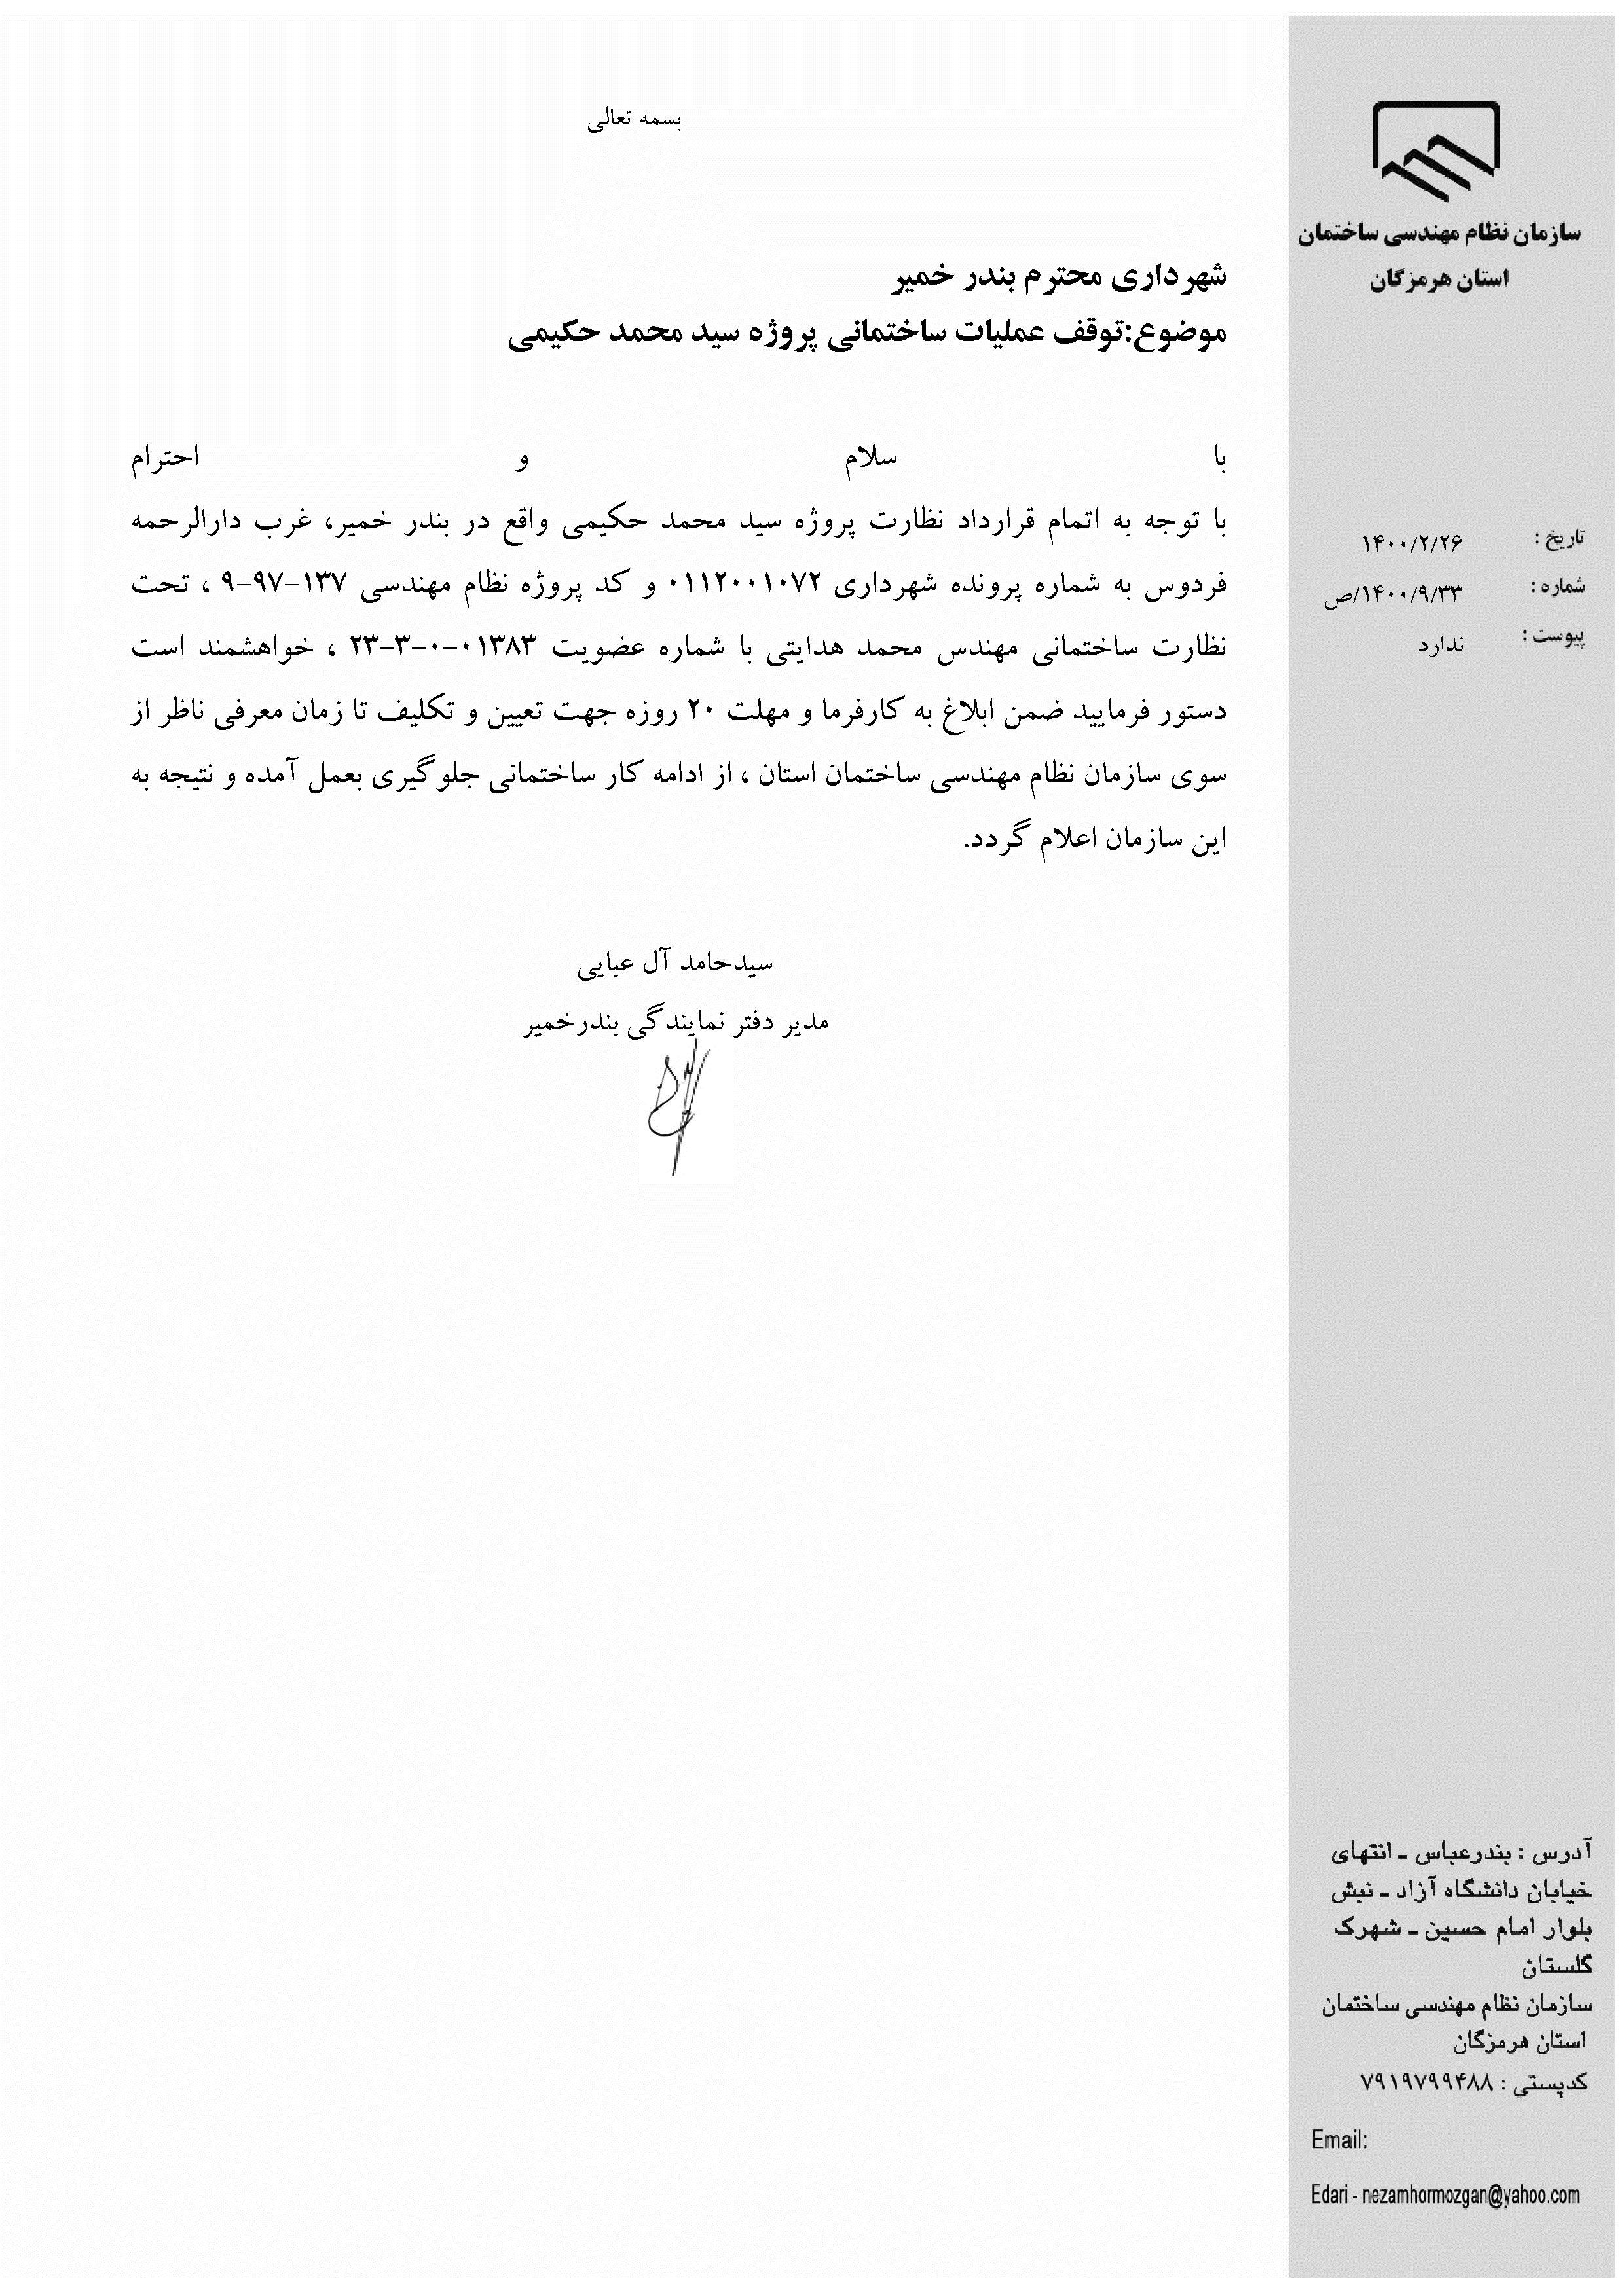 بارگذاری فایل نامه پسوندهای  مجاز(jpg, jpeg, png, pdf,tif,DWG,DXF )